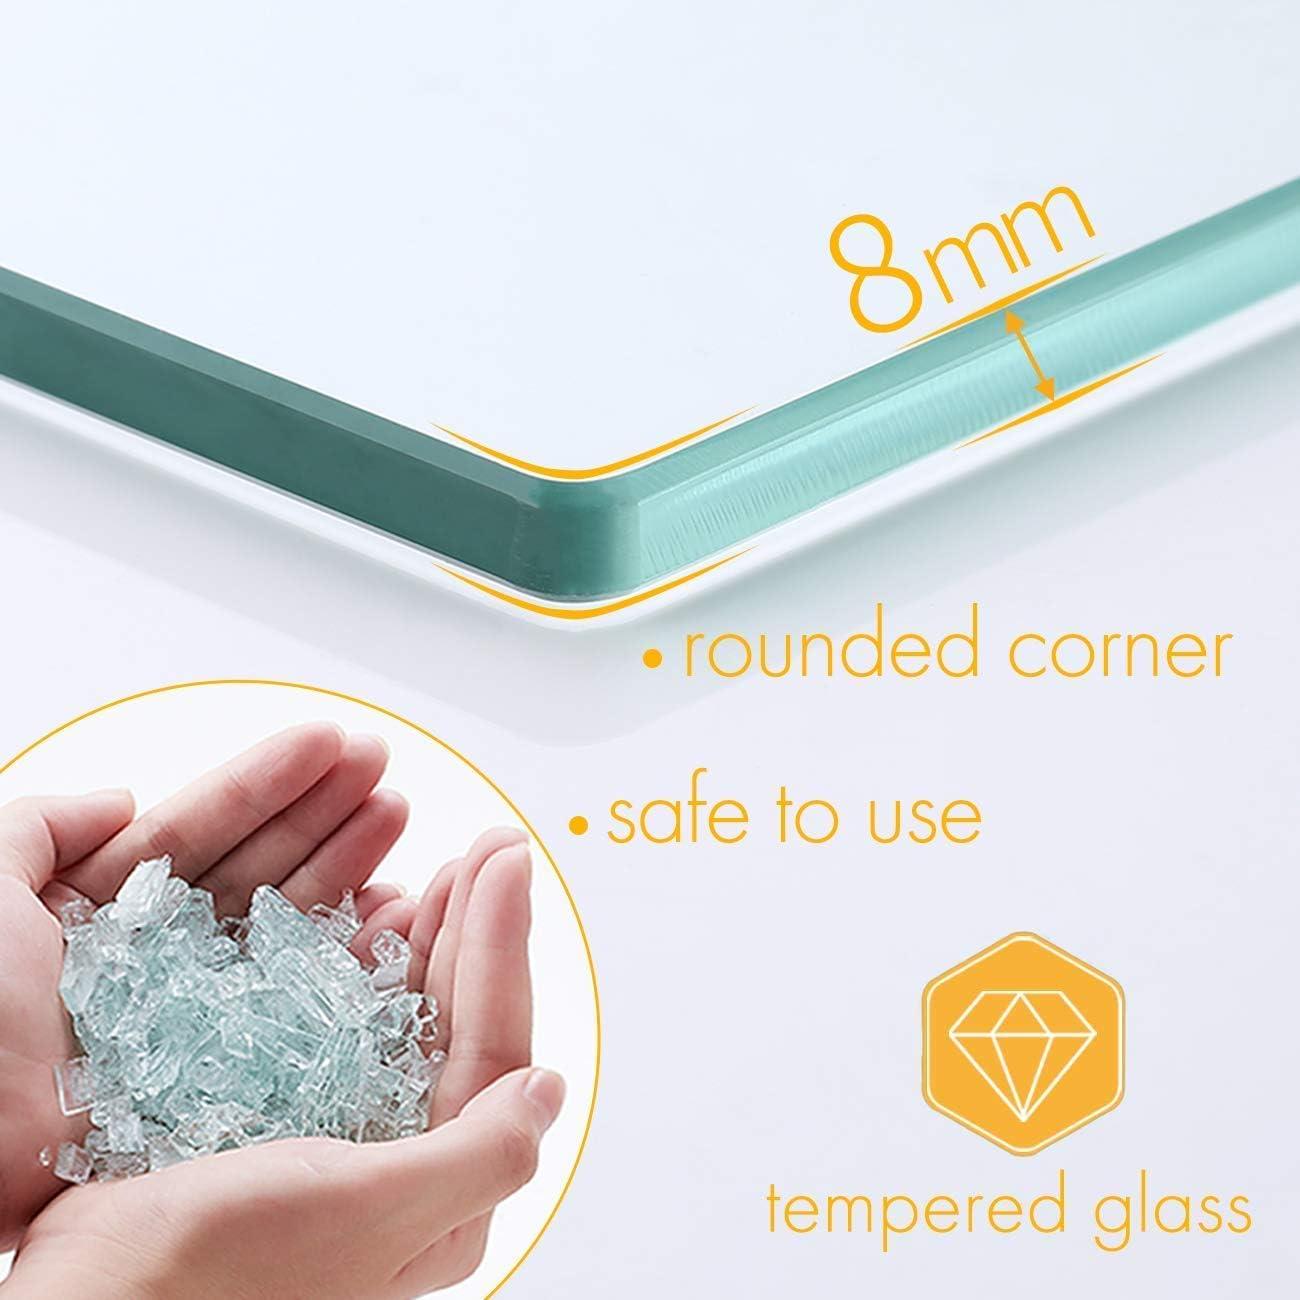 montaggio a parete A2021-2 Essentials grandezza 50 cm in vetro temperato spesso 8 mm e nichel spazzolato mensola portaoggetti per il bagno Umi rettangolare